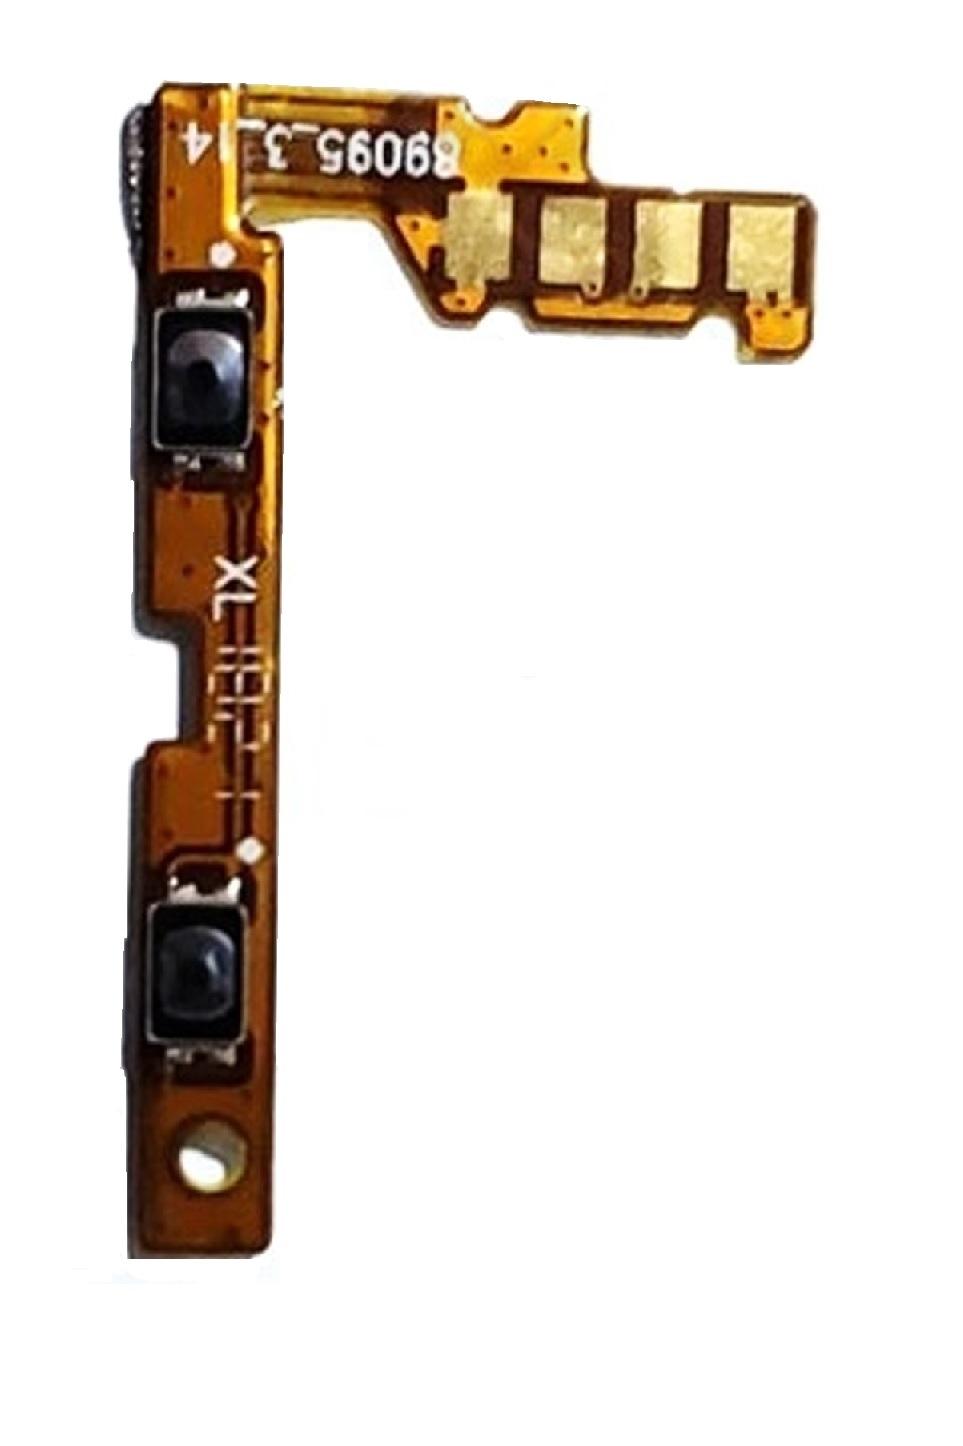 Flex do Botão Volume + - LG K9 Tv LM X210